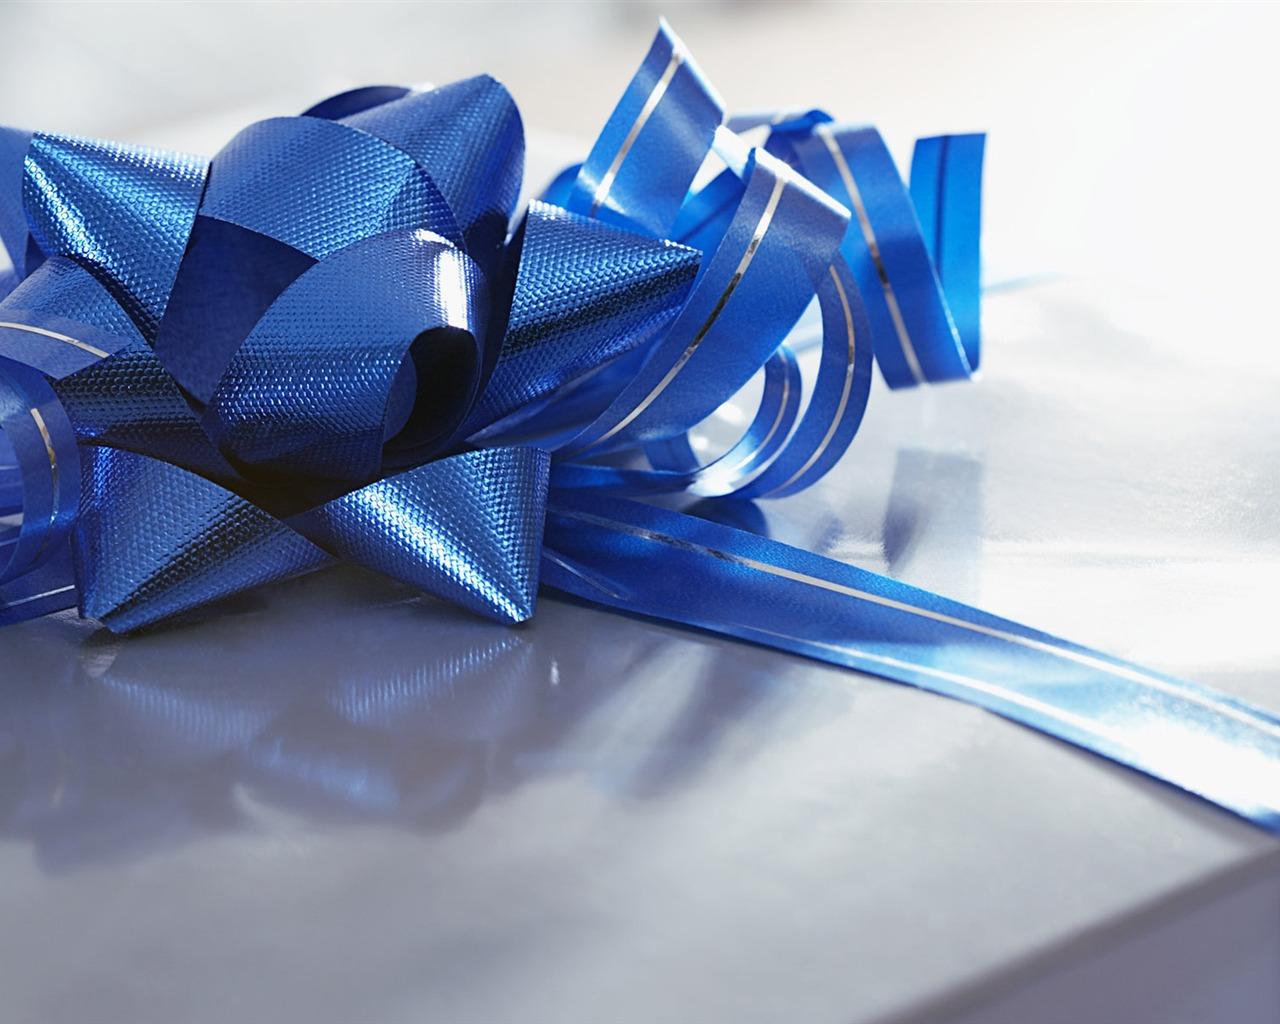 Geschenke deko tapeten 6 16 1280x1024 wallpaper for Deko geschenke